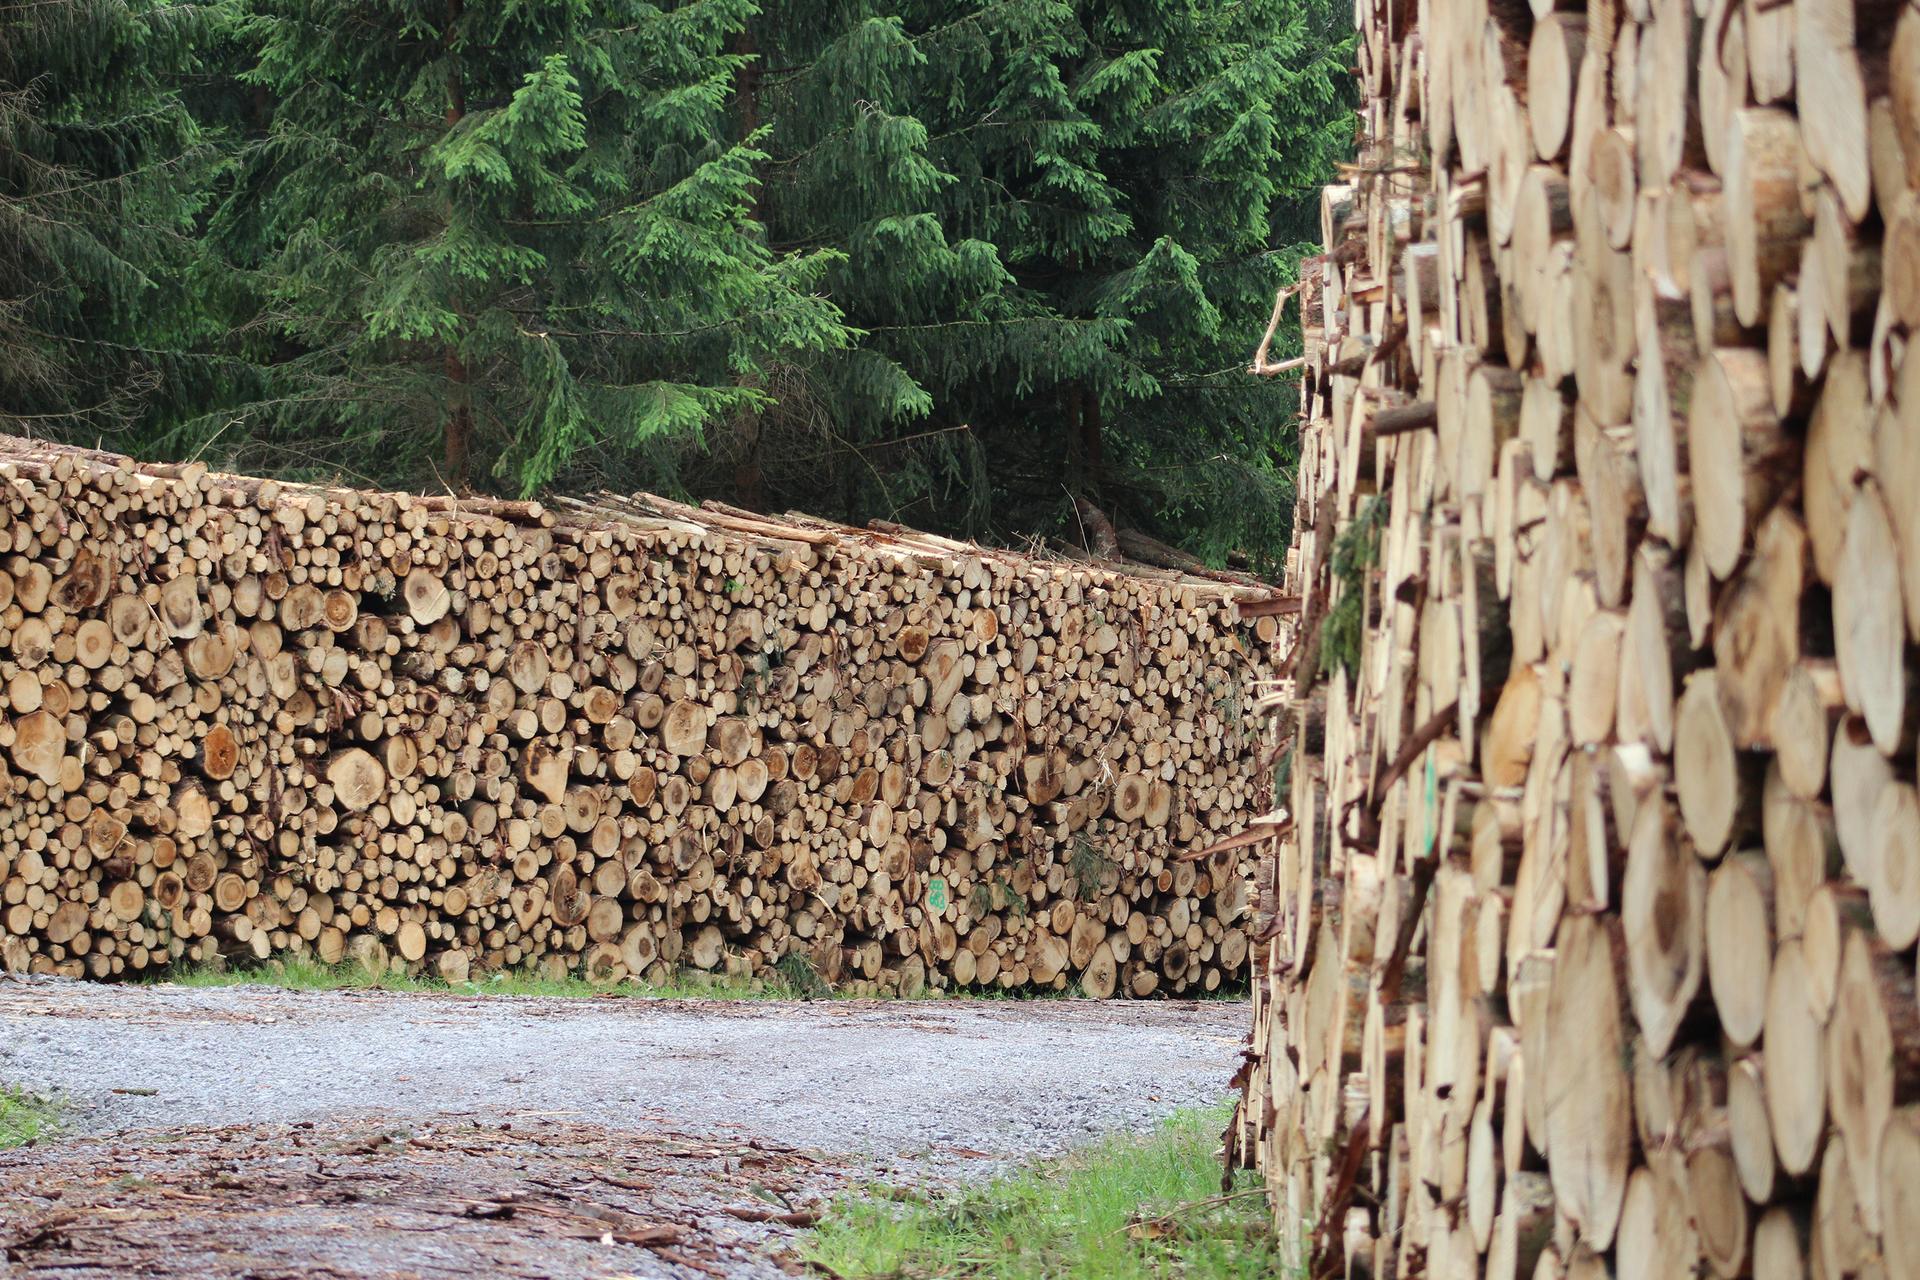 Fotografia prezentuje stosy pociętego drewna opałowego zgromadzone wzdłuż leśnej drogi.